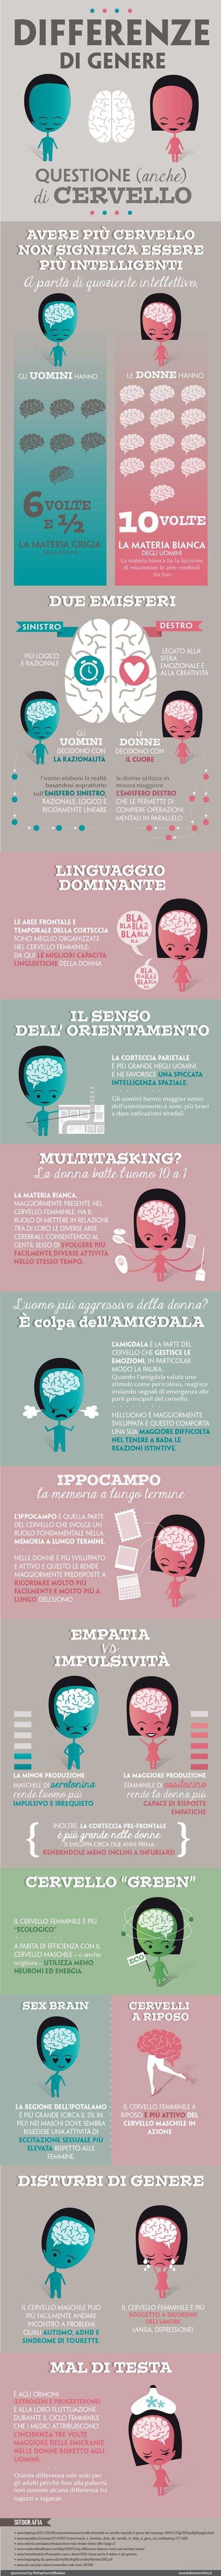 Differenze di genere? Questione anche di cervello - Infografica di Esseredonnaonline -design Kleland studio di Alice Borghi